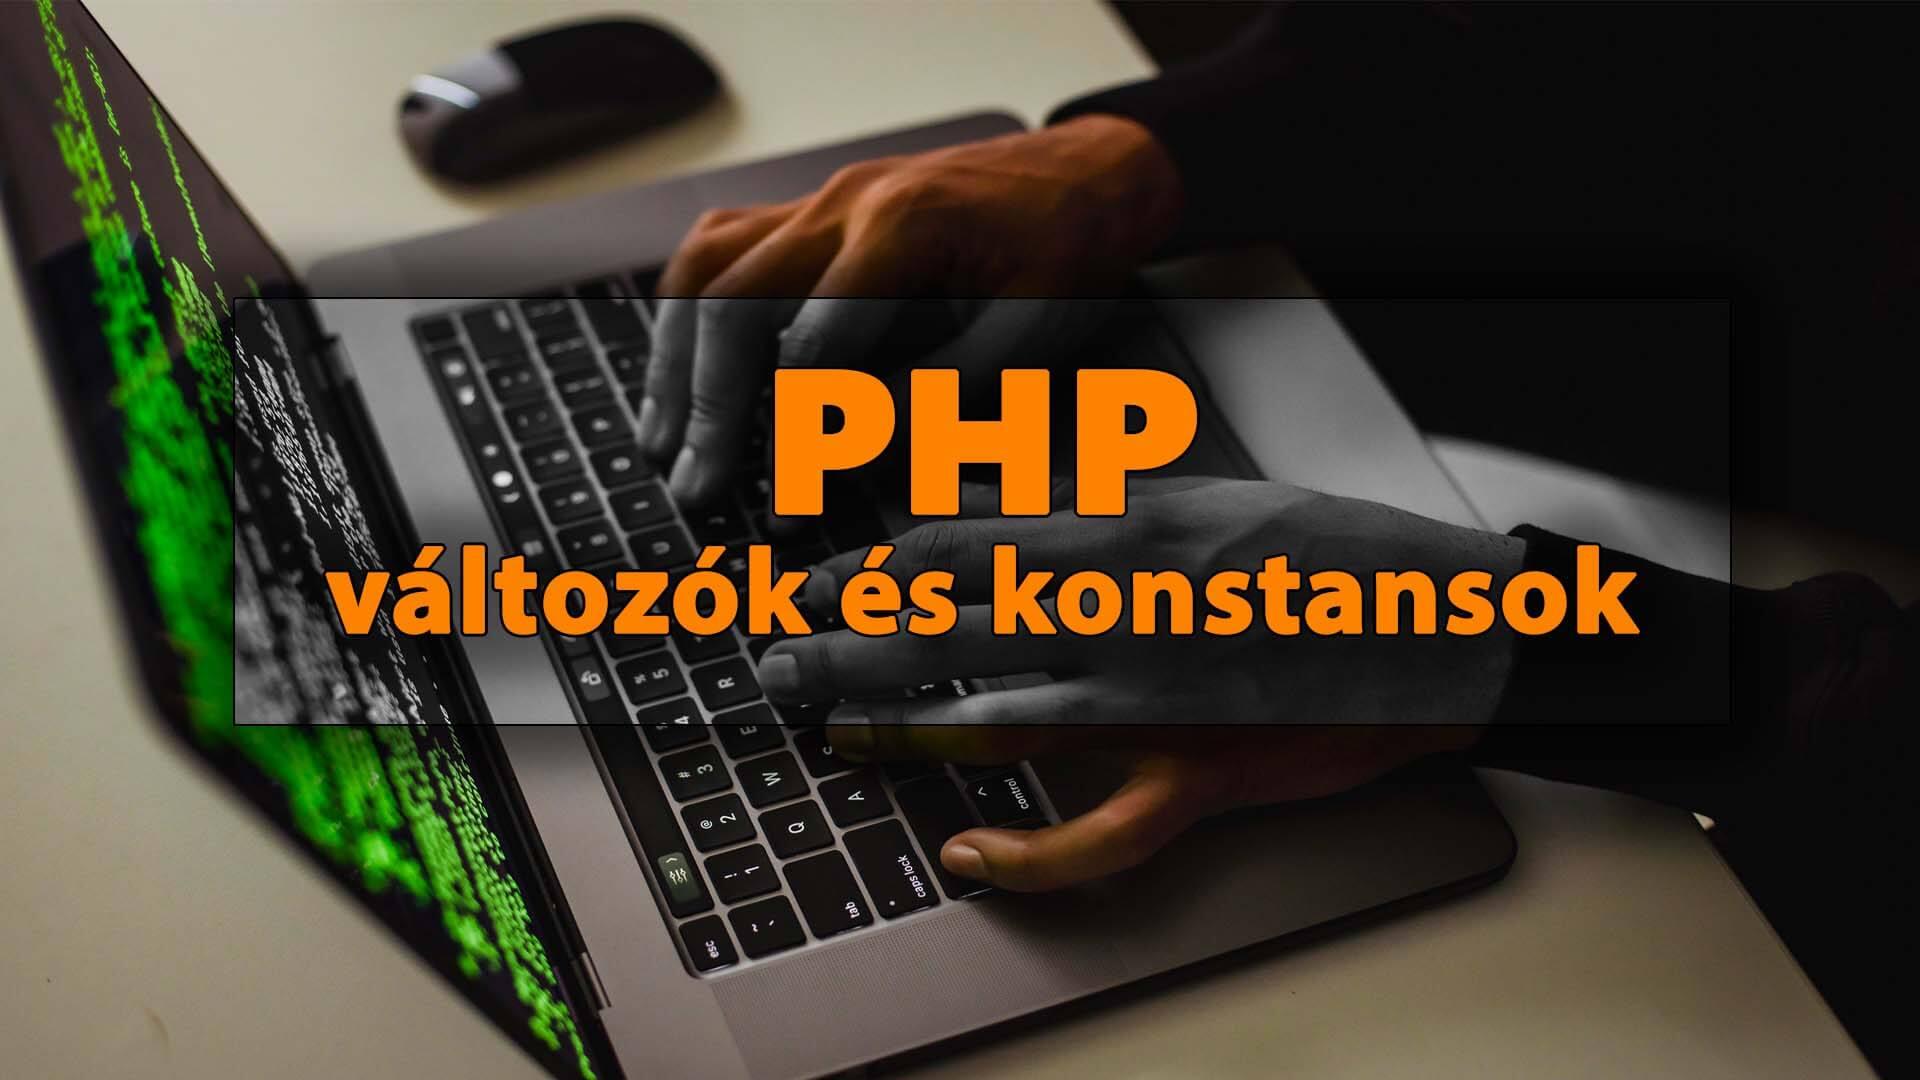 PHP változók és konstansok fogalma, szintaxisa + példa létrehozásra, módosításra, lekérdezésre című cikk borítóképe